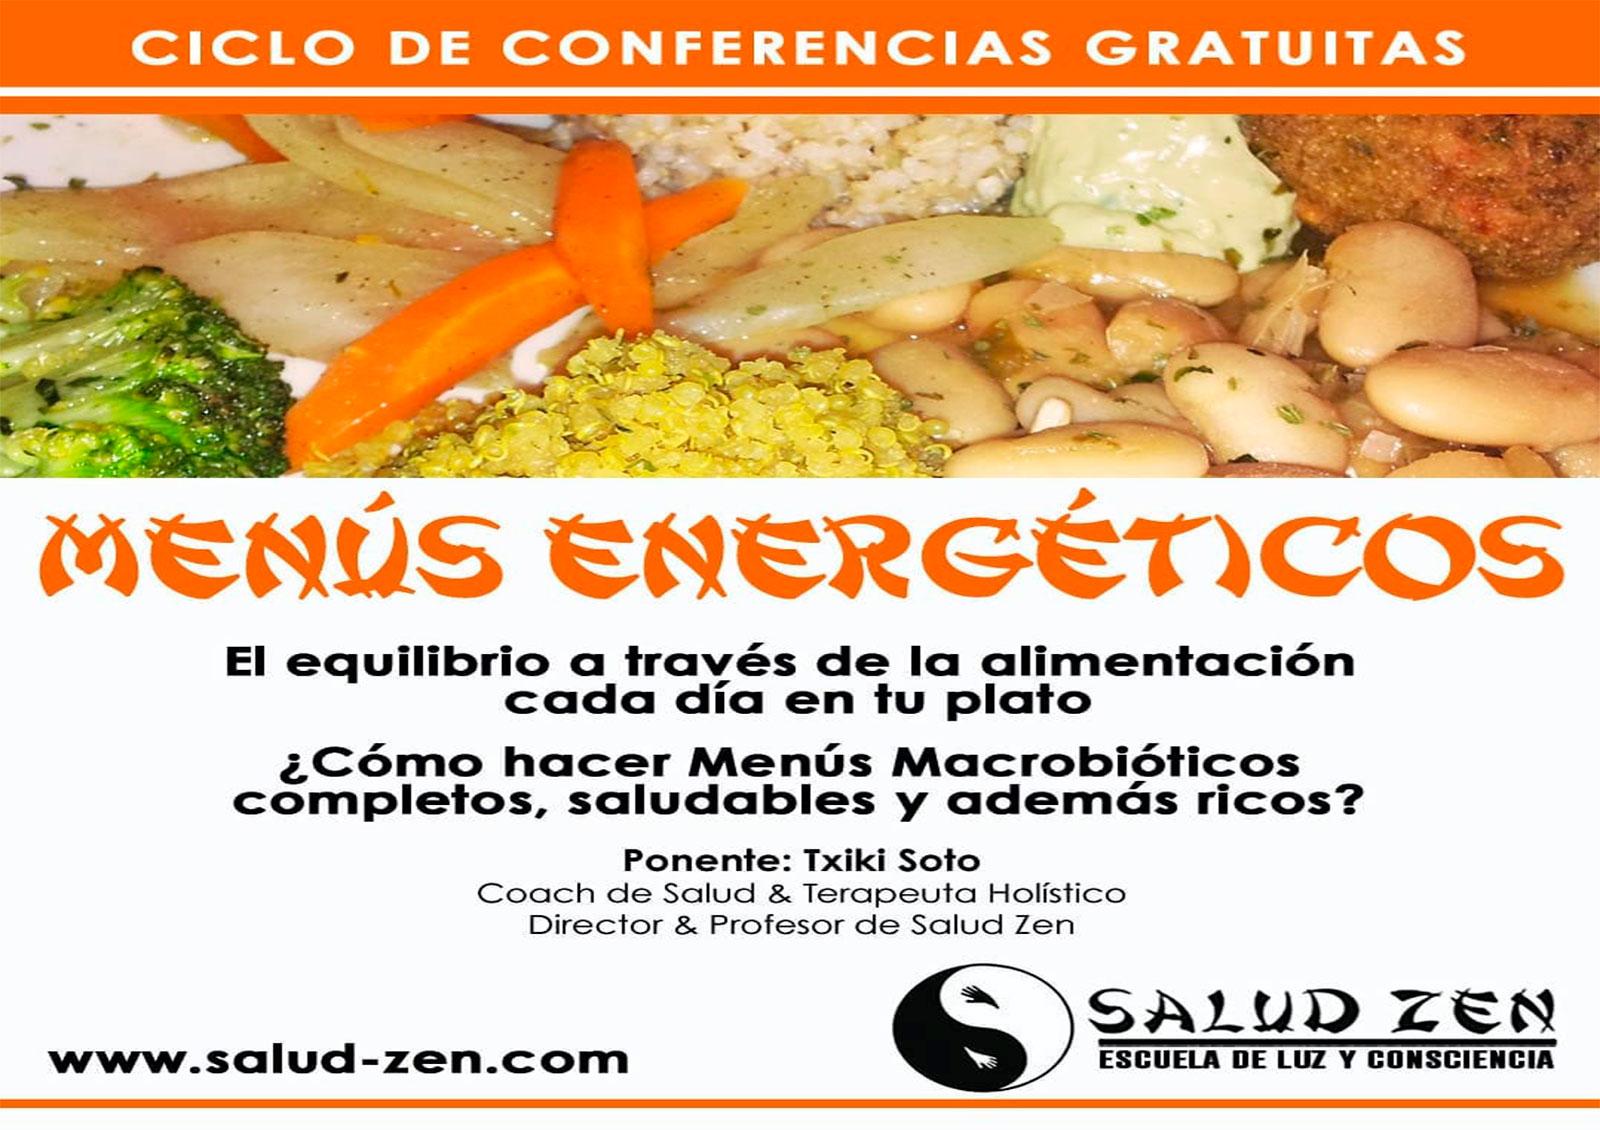 Conferencia-Menús Energéticos